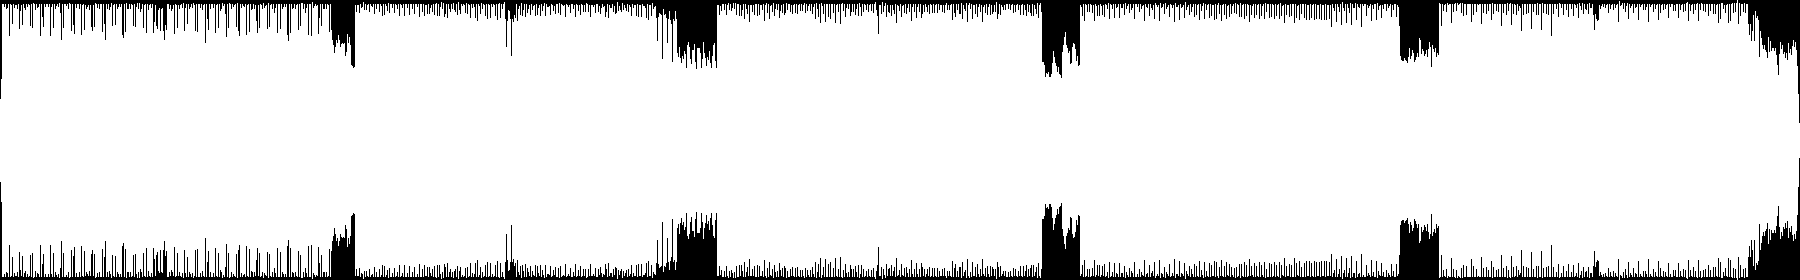 Techno Melodica audio waveform